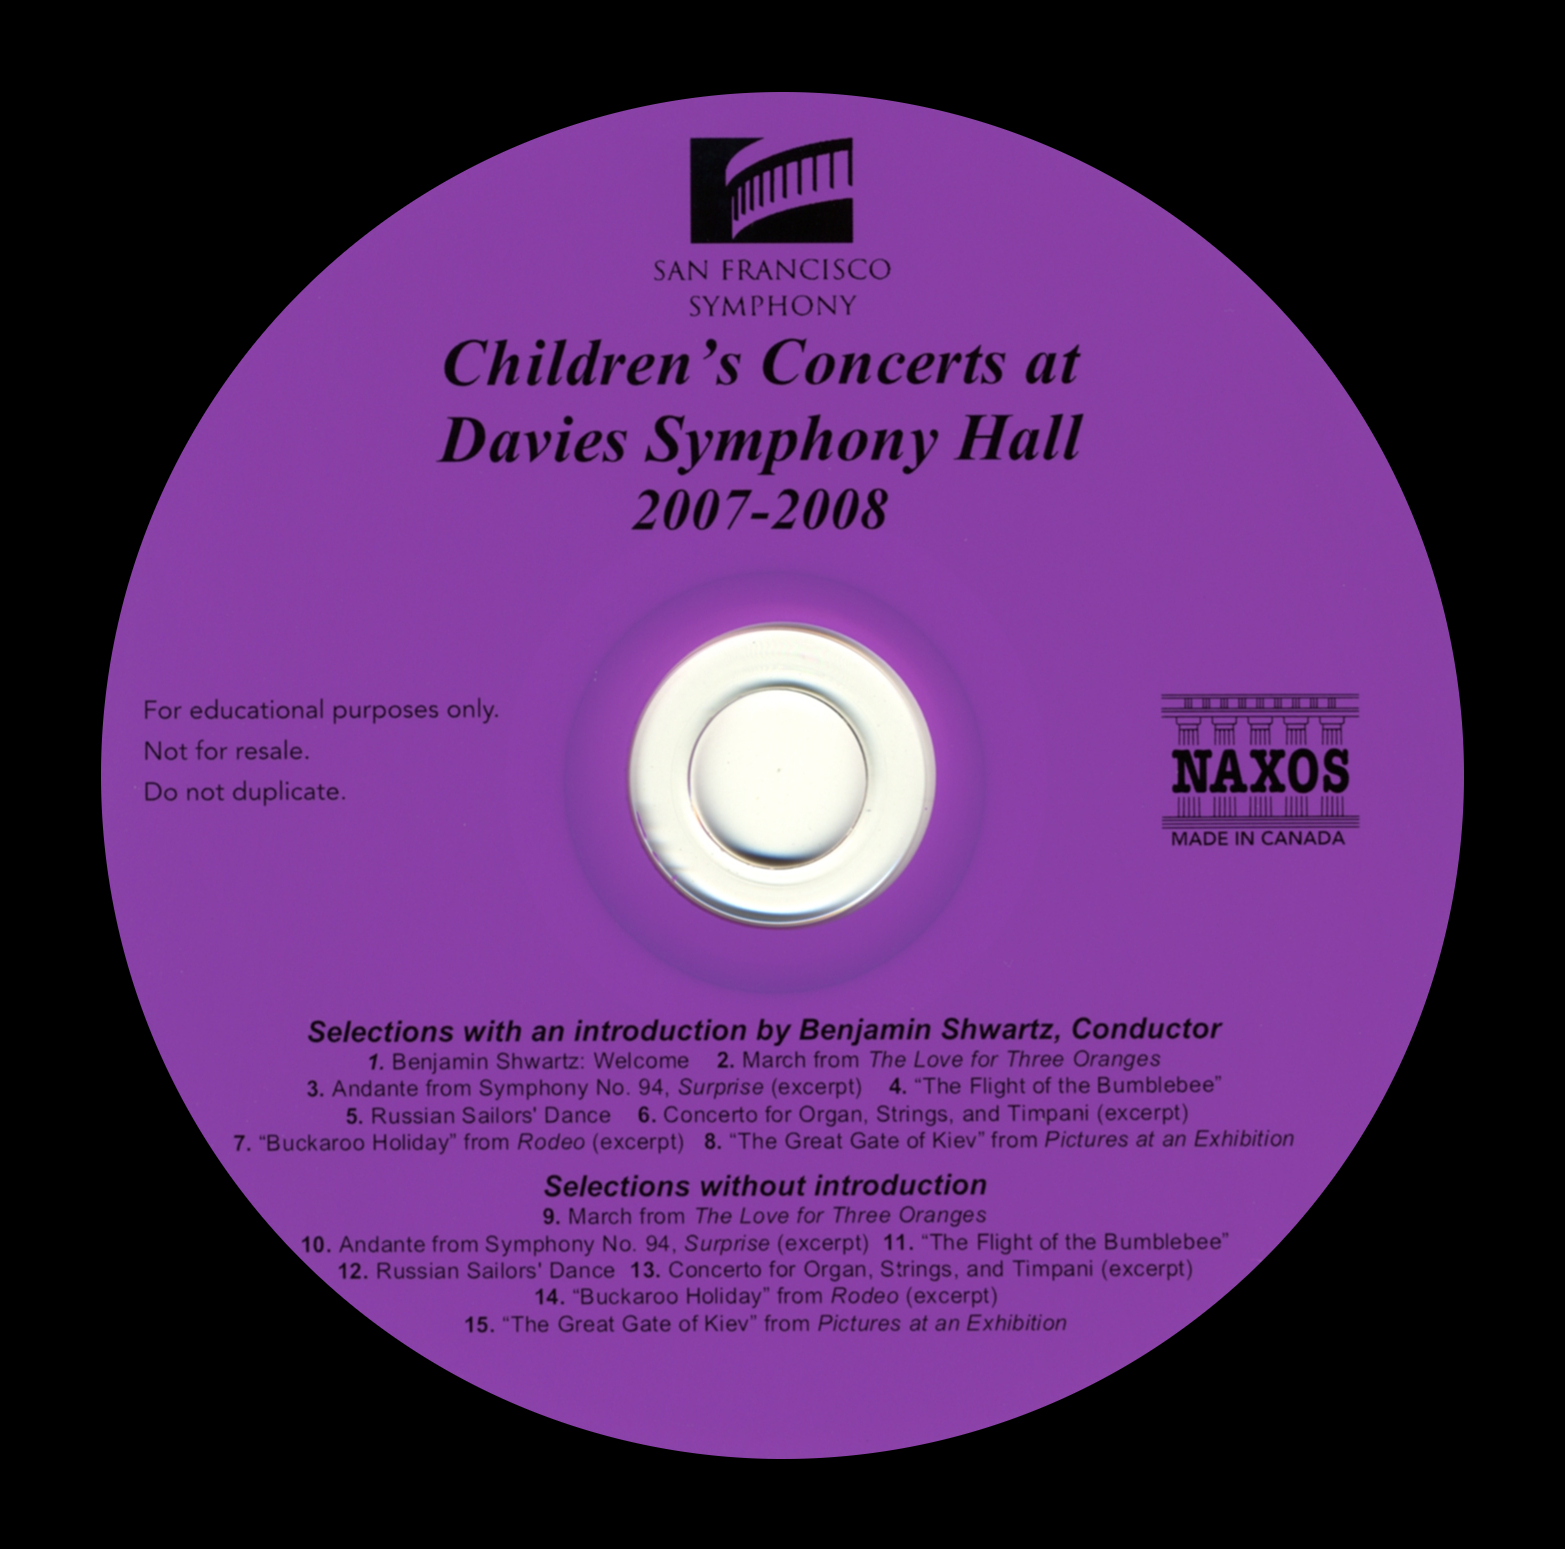 Children's Concerts copy.jpg